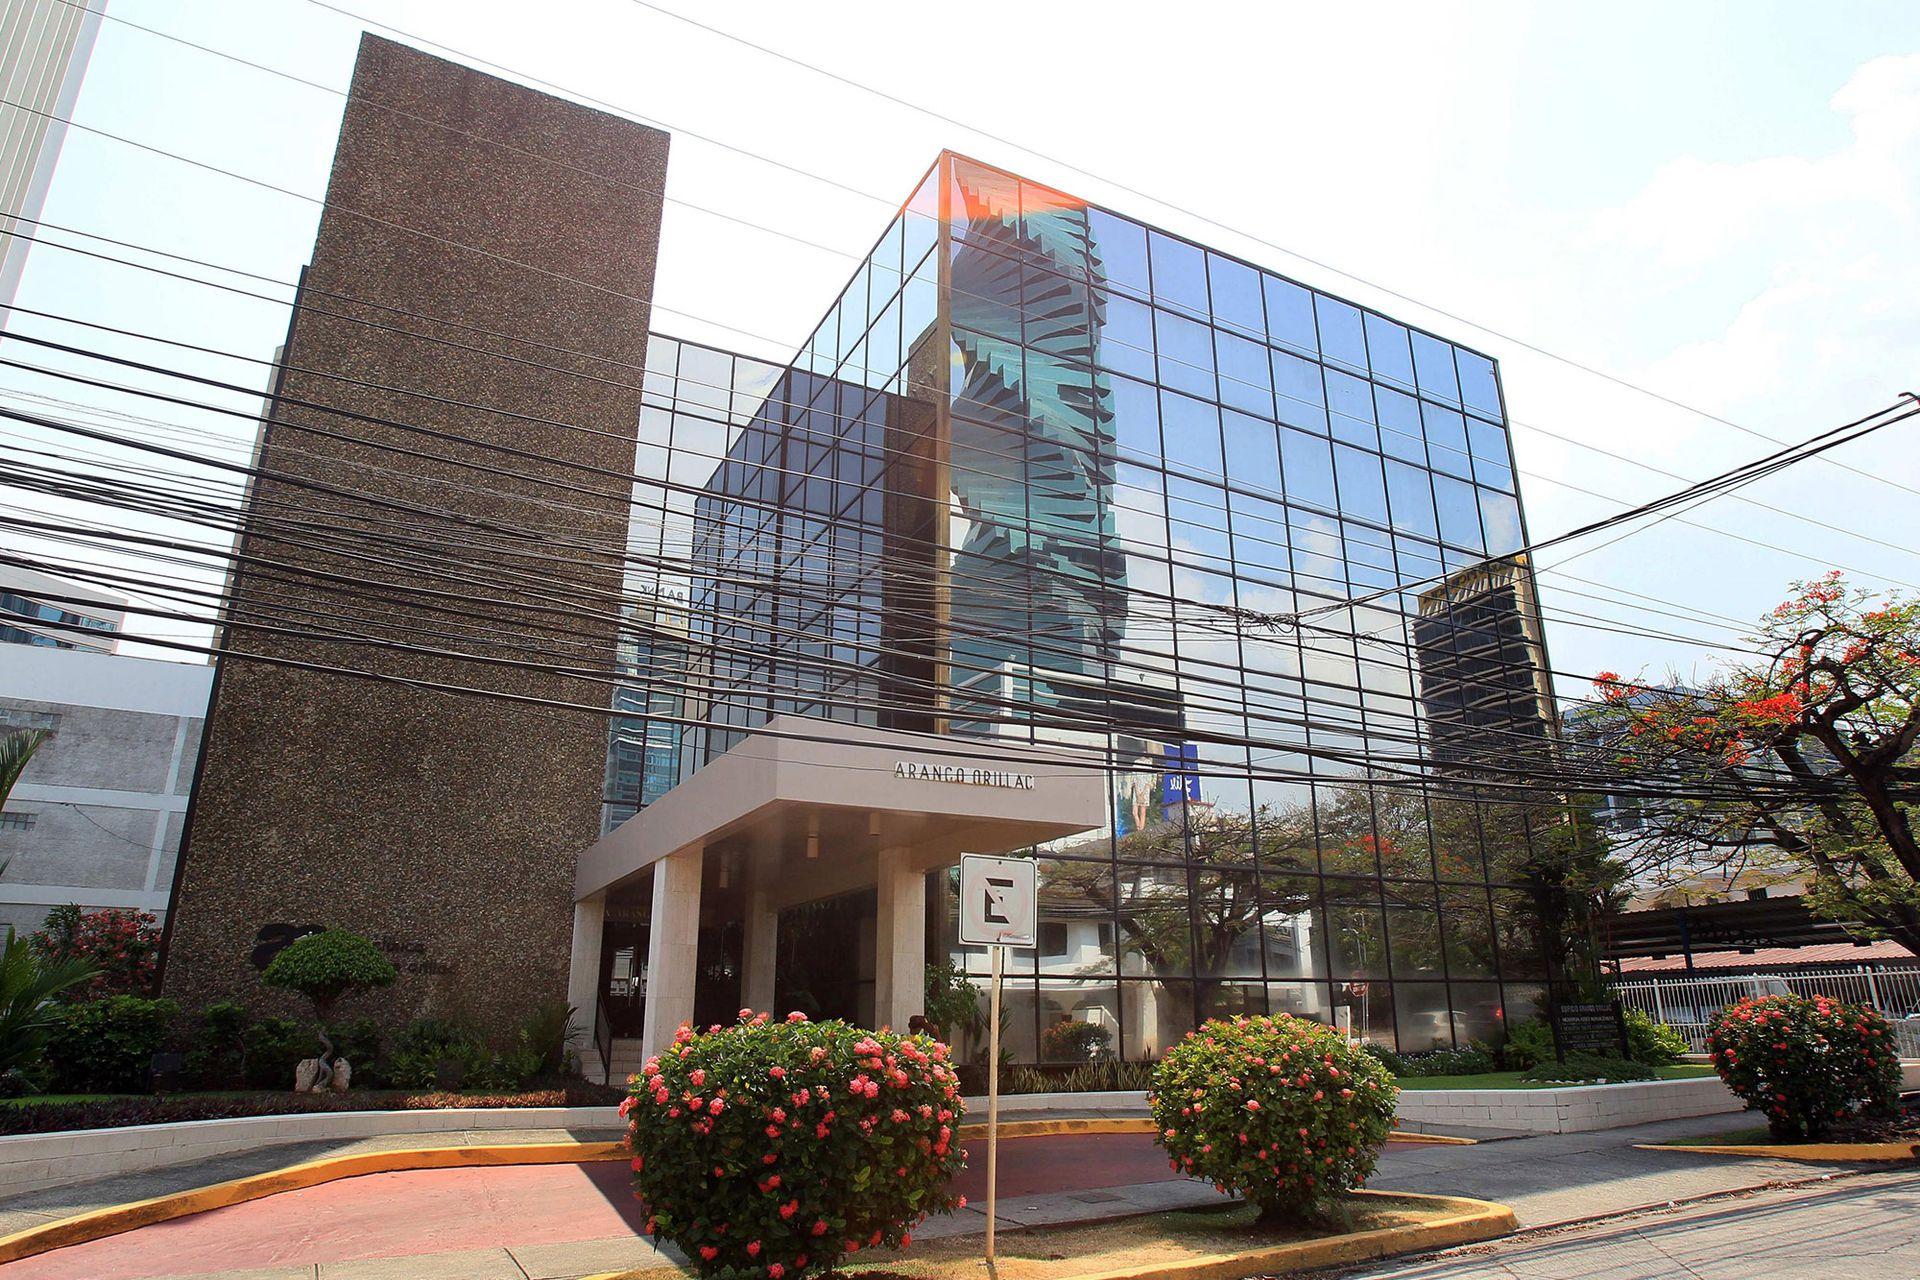 El estudio Mossack Fonseca Co nació en 1986. De allí salieron 12 millones de documentos.